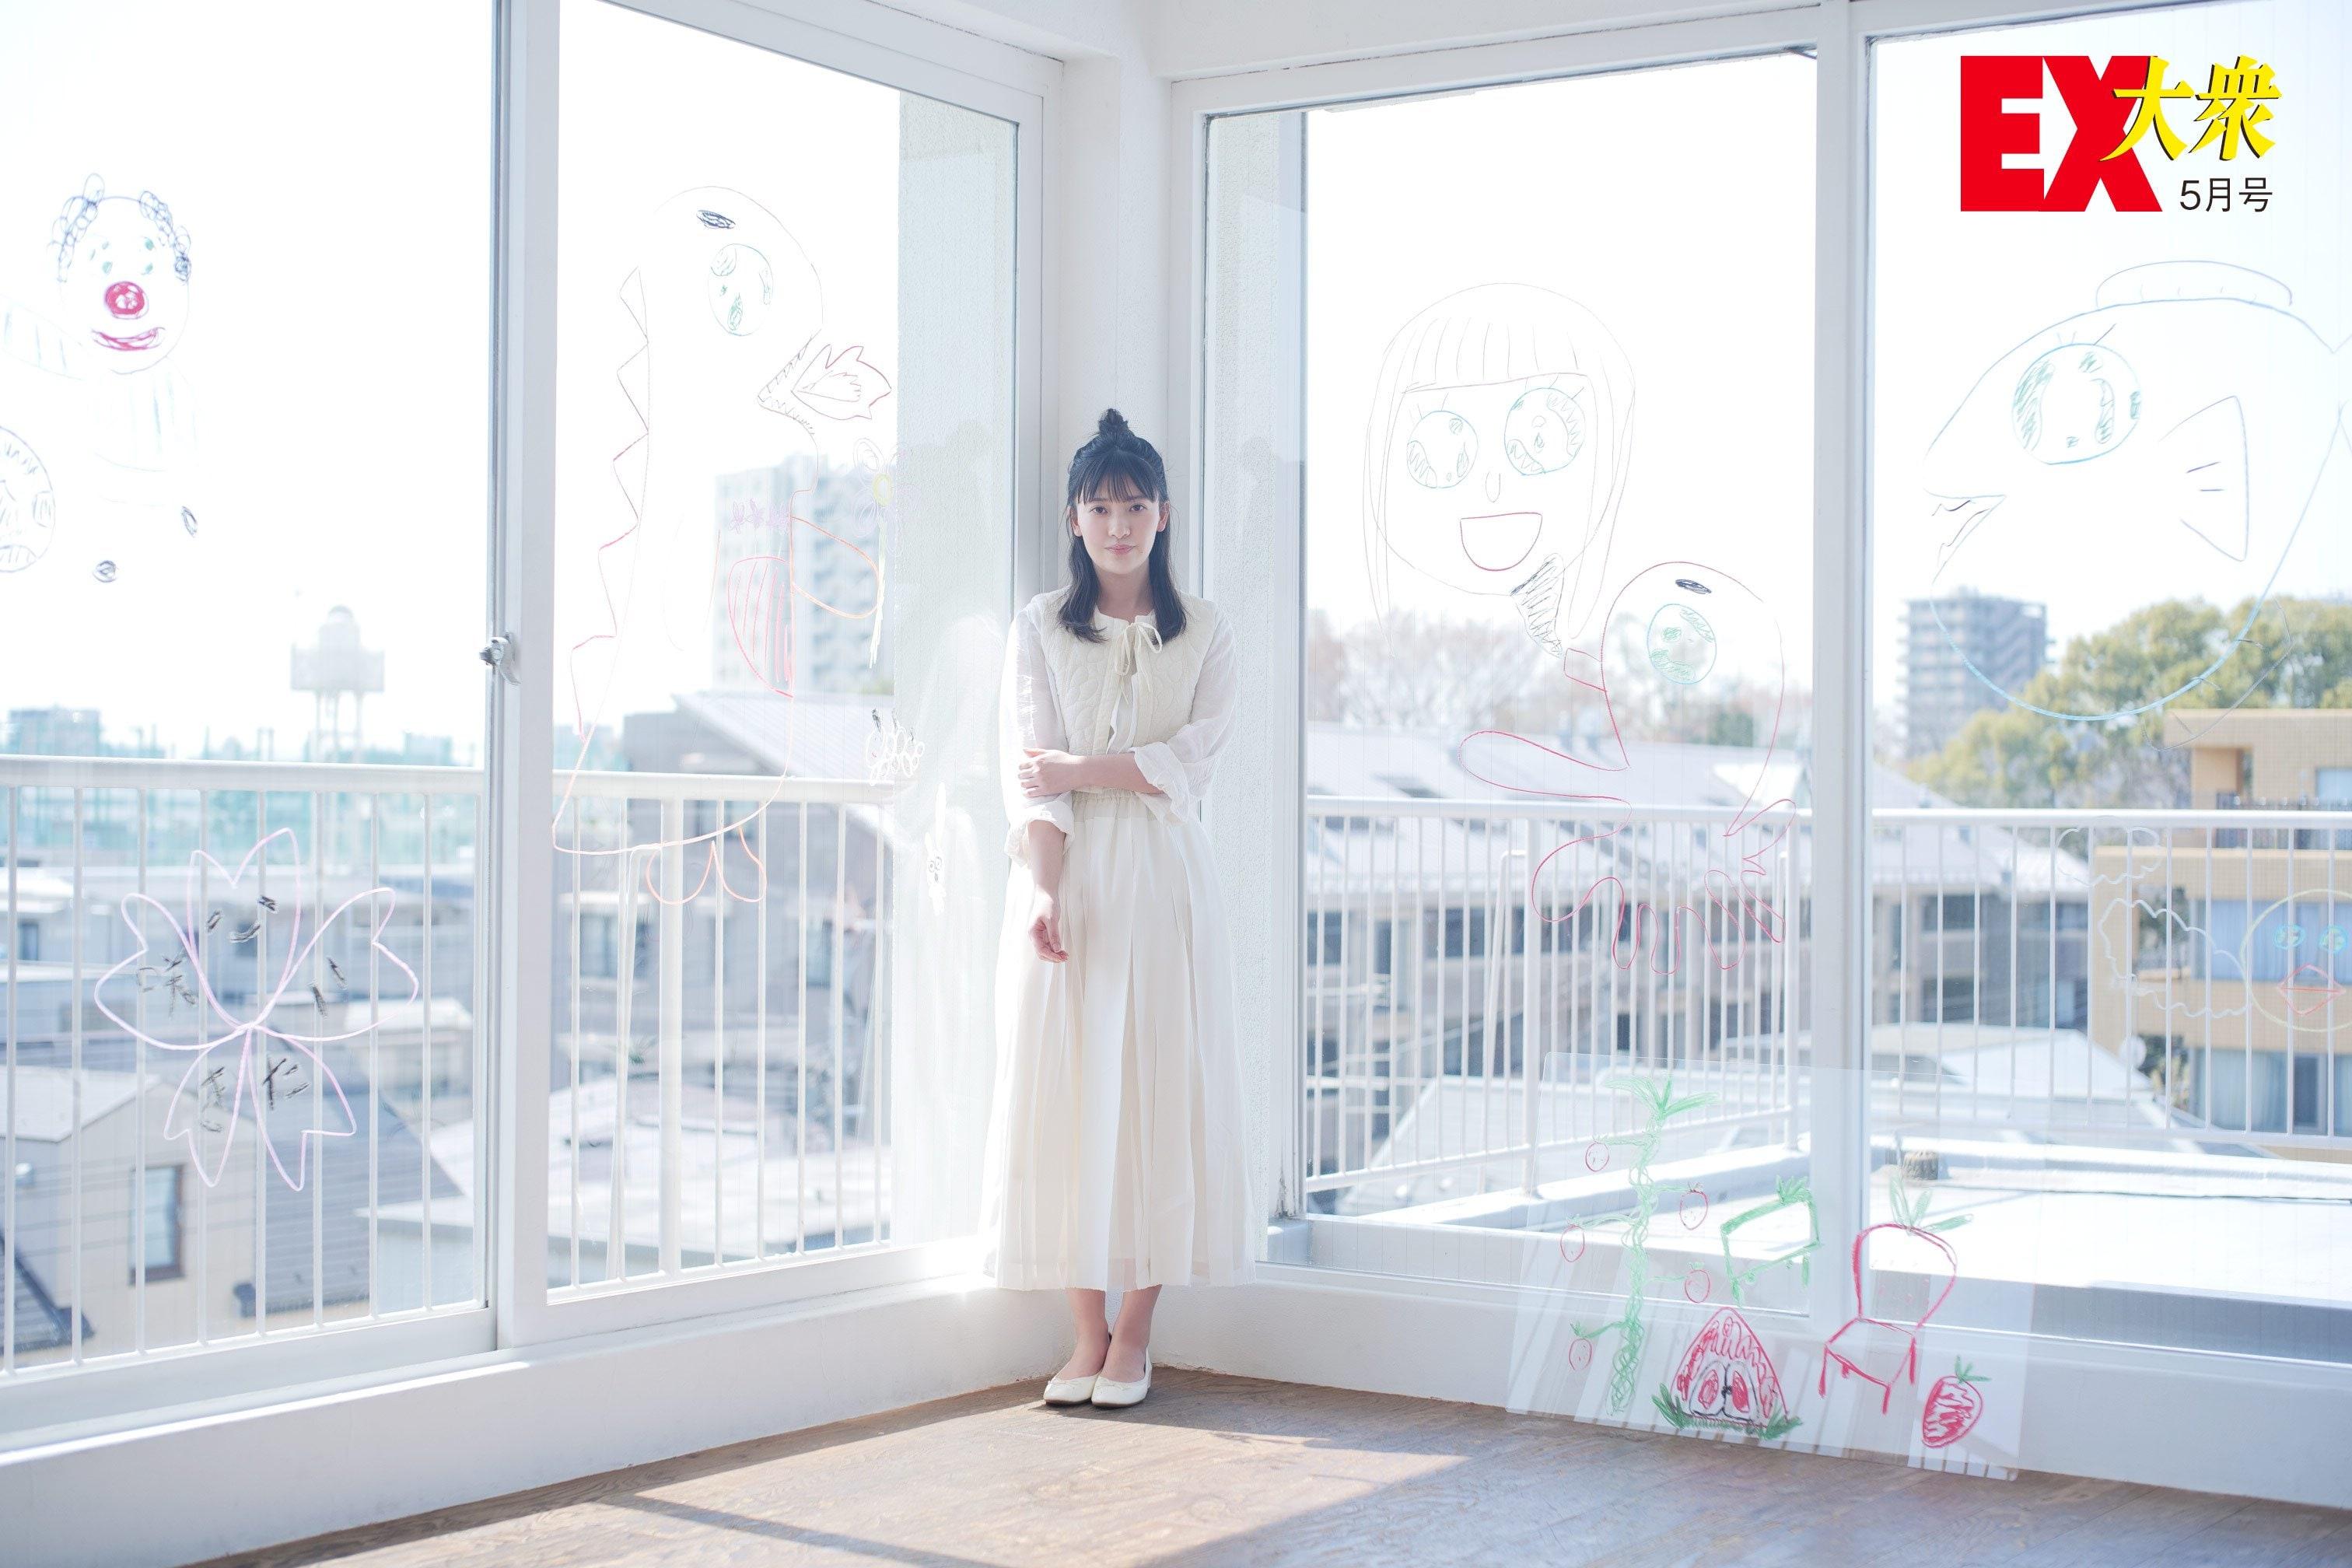 櫻坂46大沼晶保の本誌未掲載カット4枚を大公開!【EX大衆5月号】の画像003